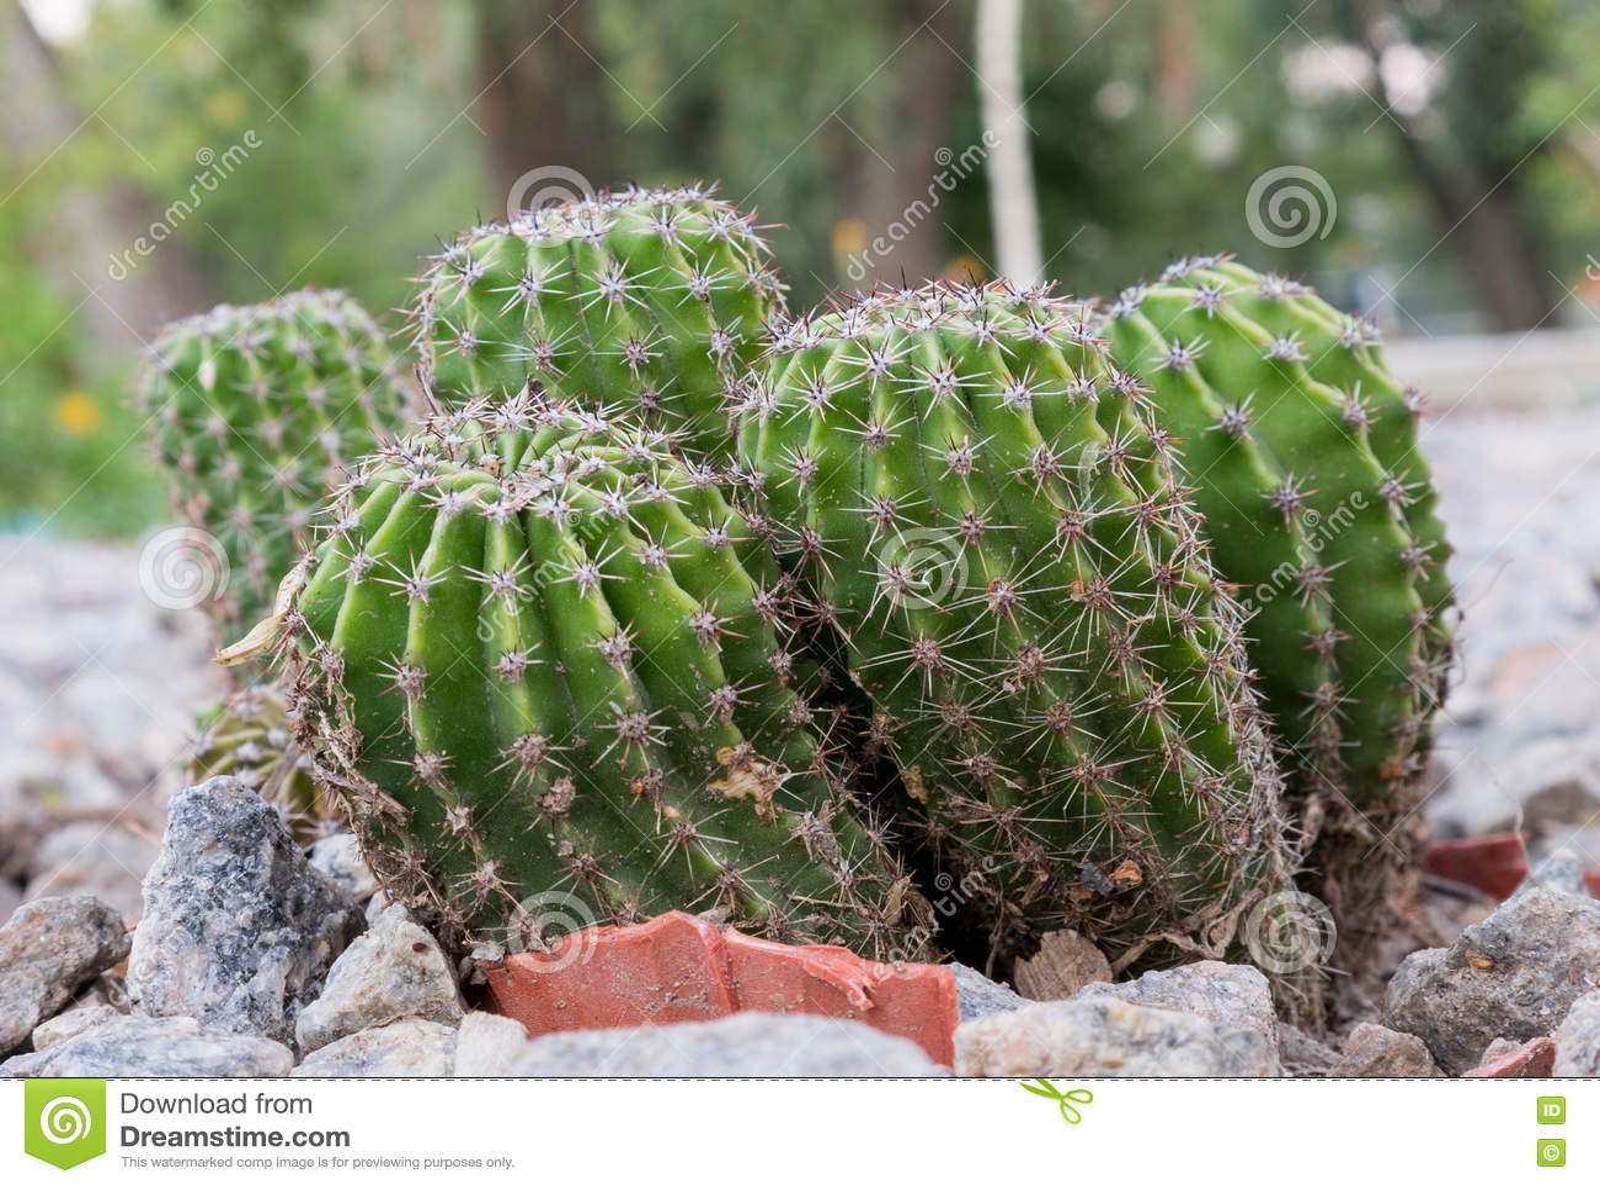 Les différents types de cactus plante l élevage sur le plan rapproché de roches